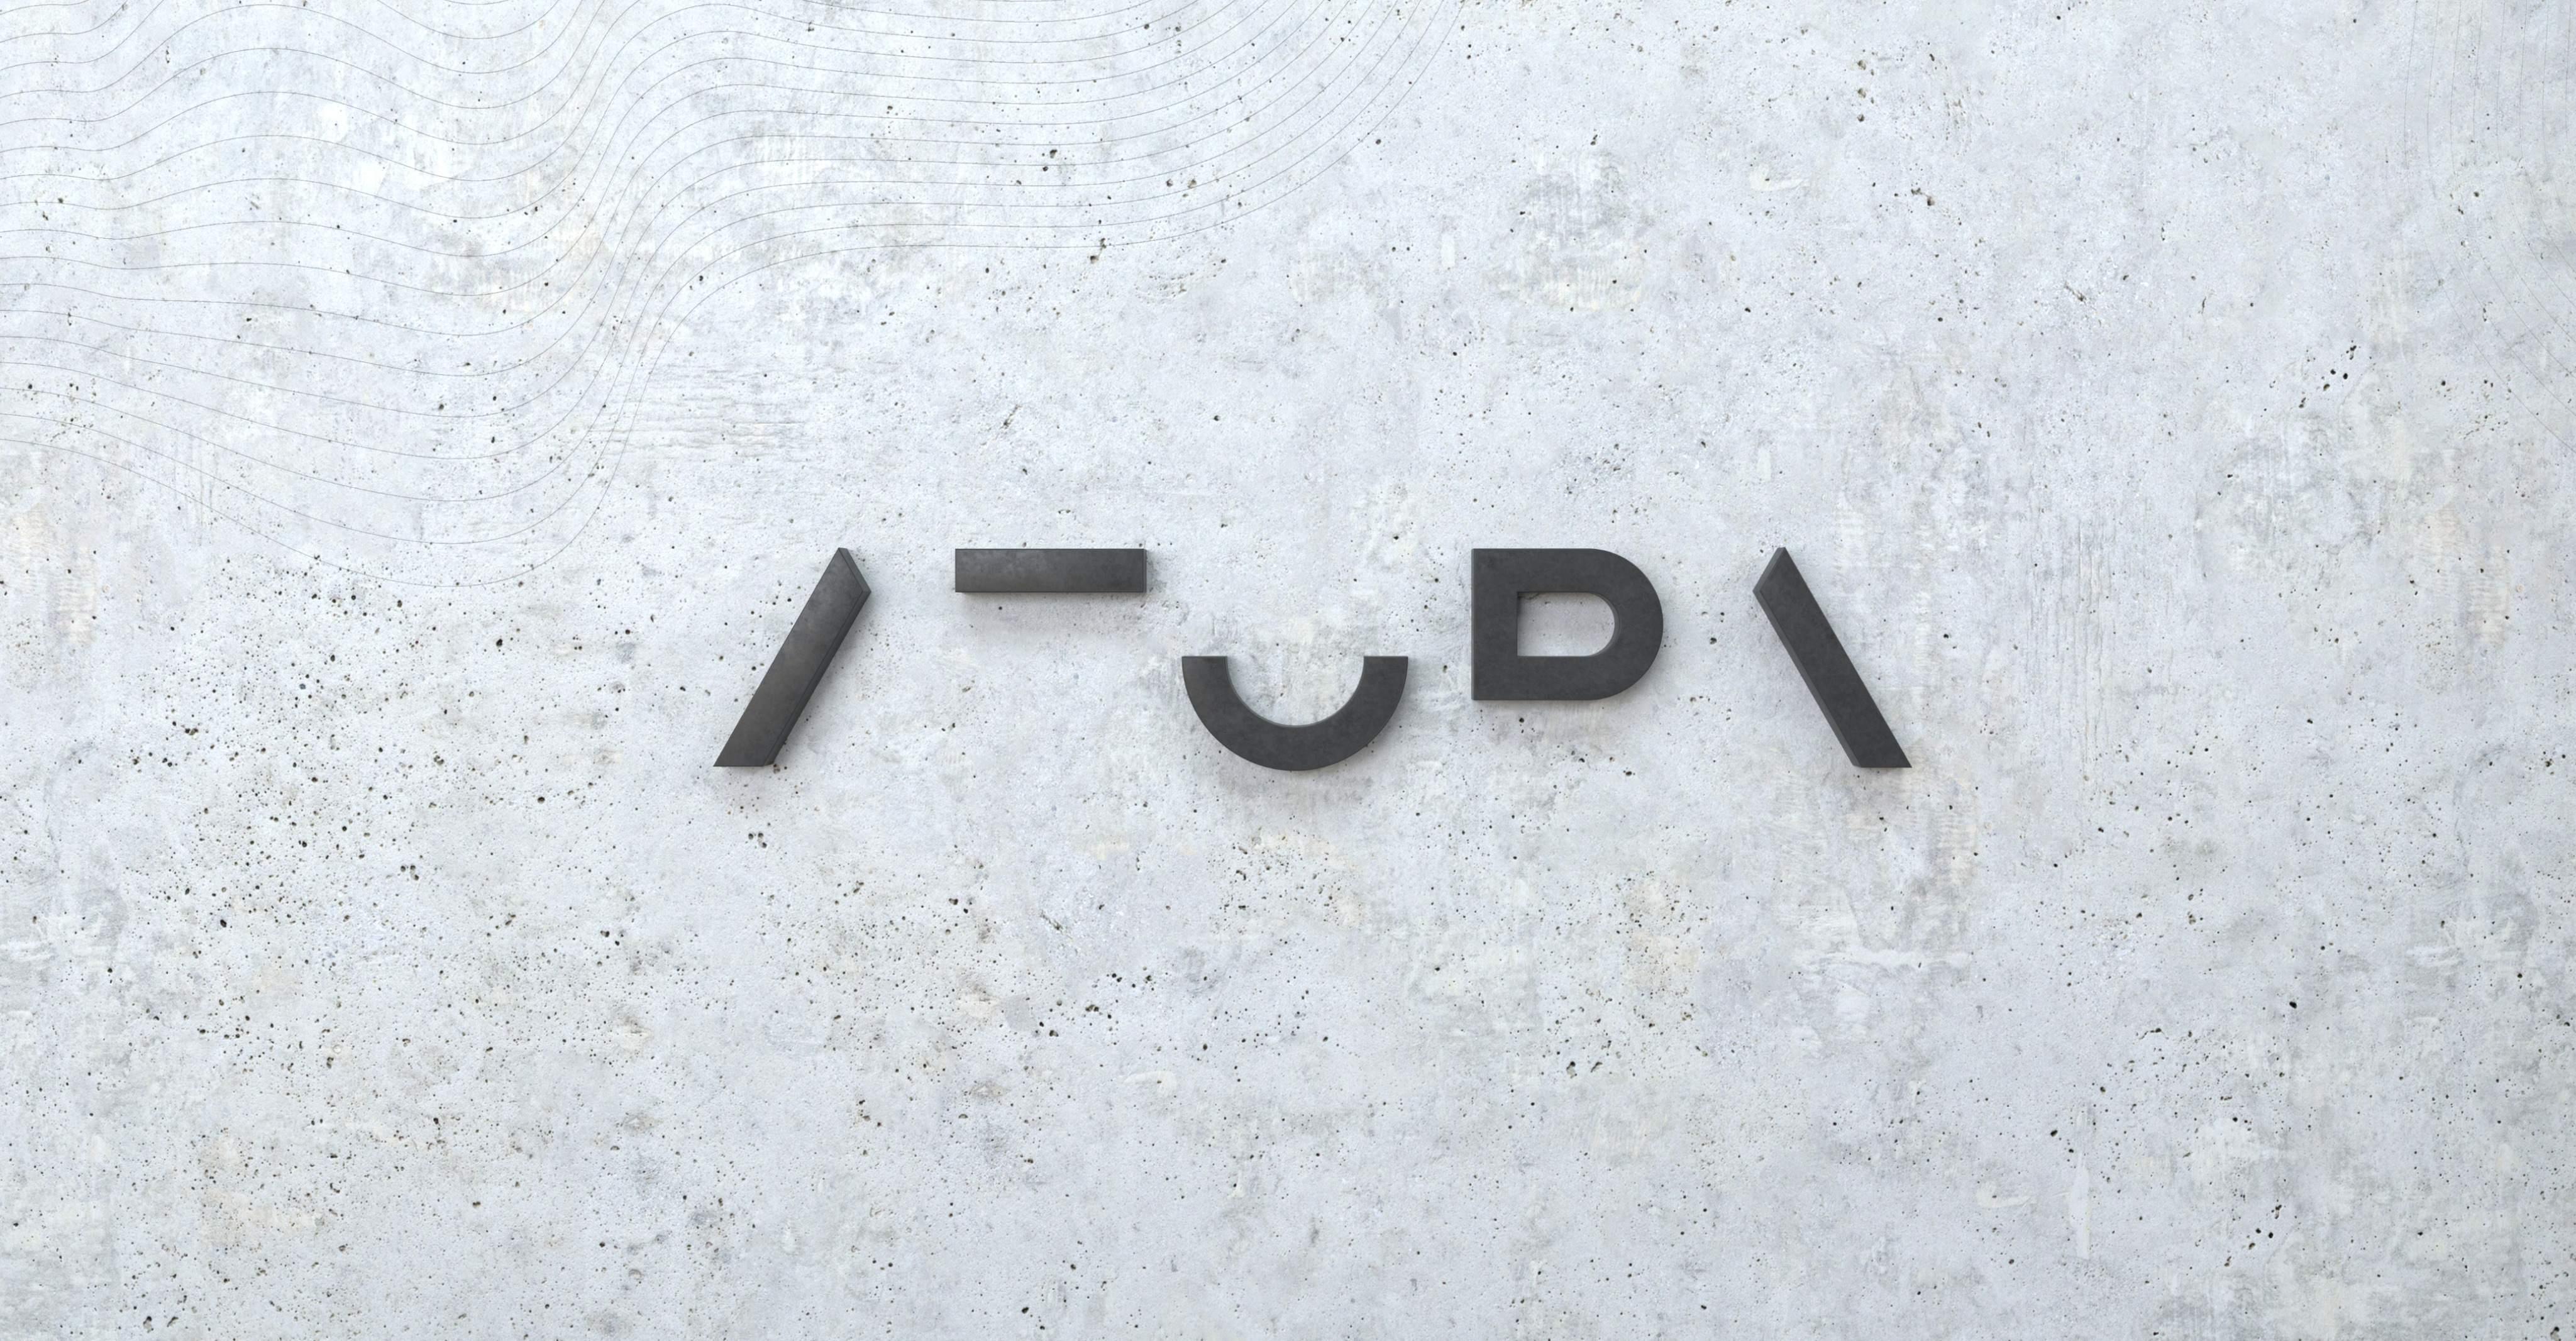 Atopa Logotype